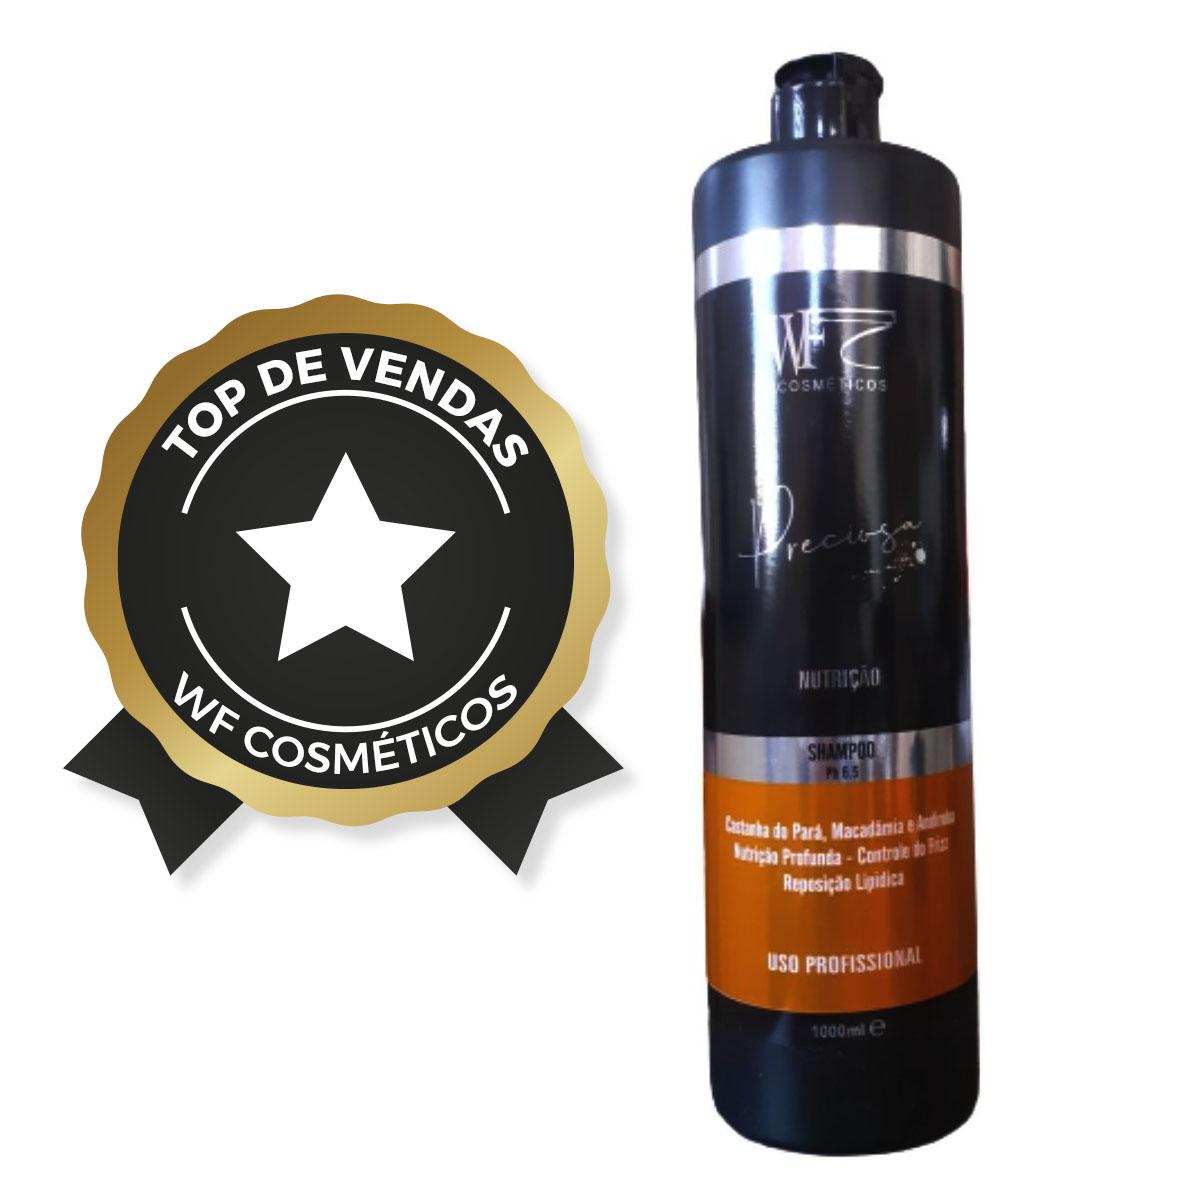 PRECIOSA - Shampoo Nutrição  WF COSMETICOS  1000ml